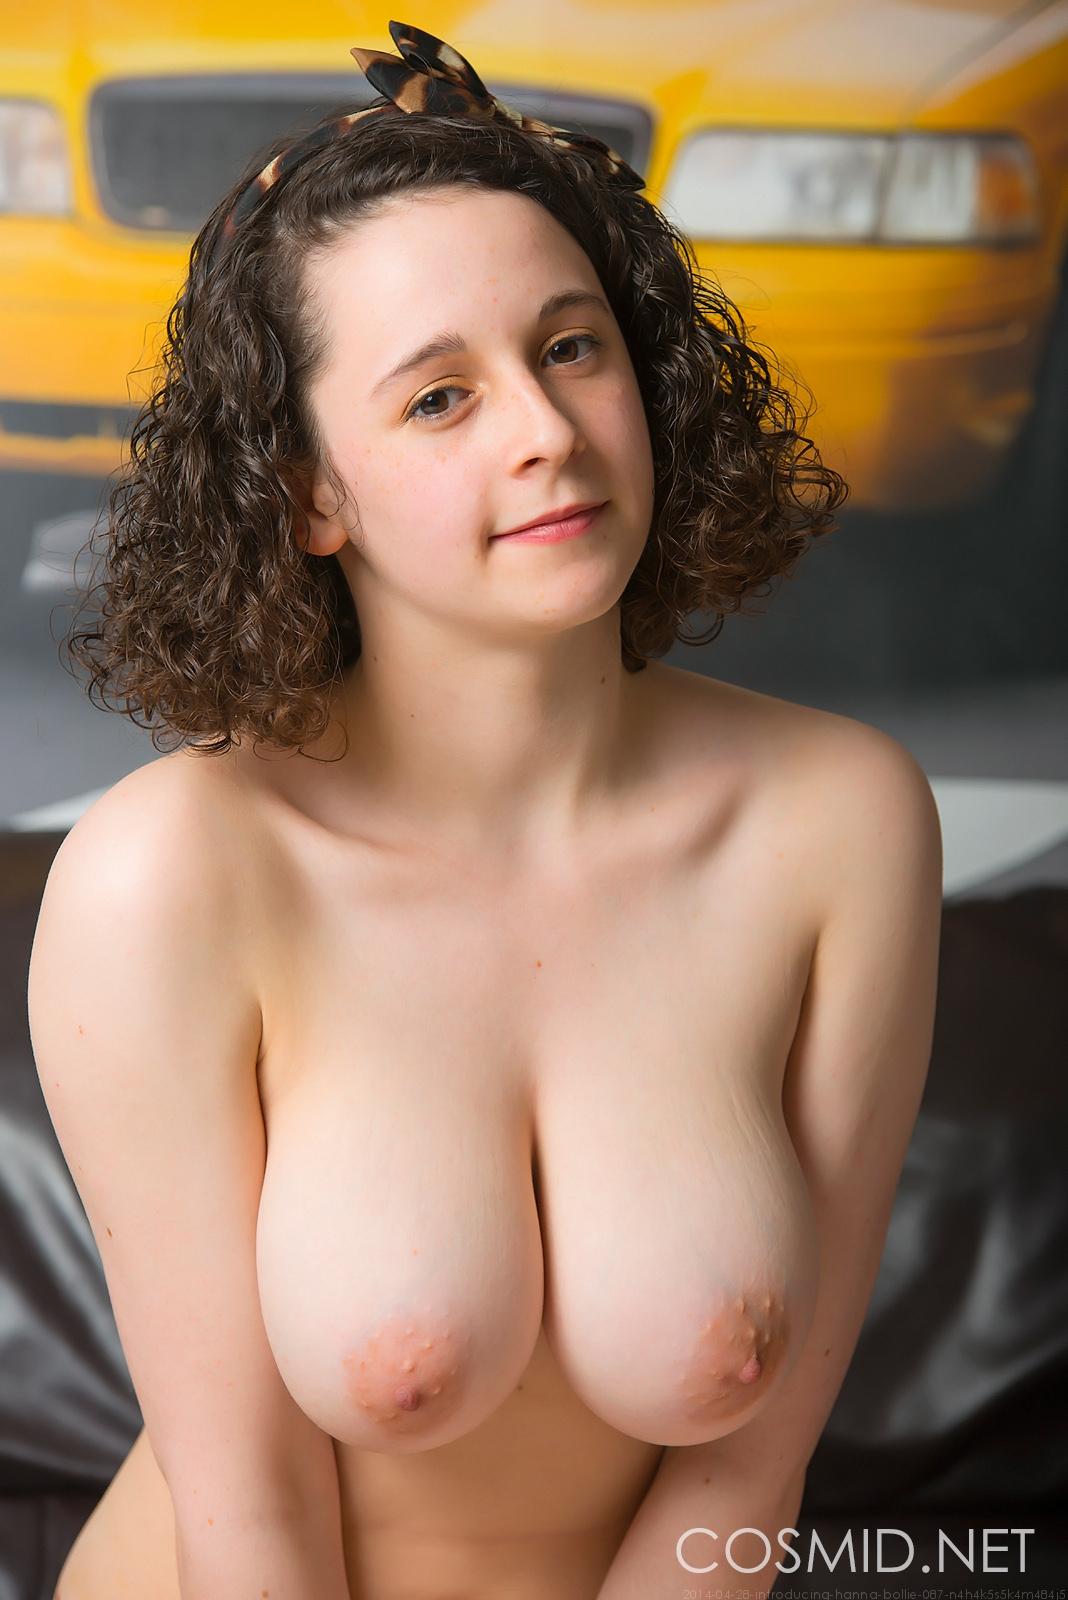 jessi brianna nude 4 Jessi Brianna Nude Vk Related Pics | Kumpulan Berbagai Gambar Memek .